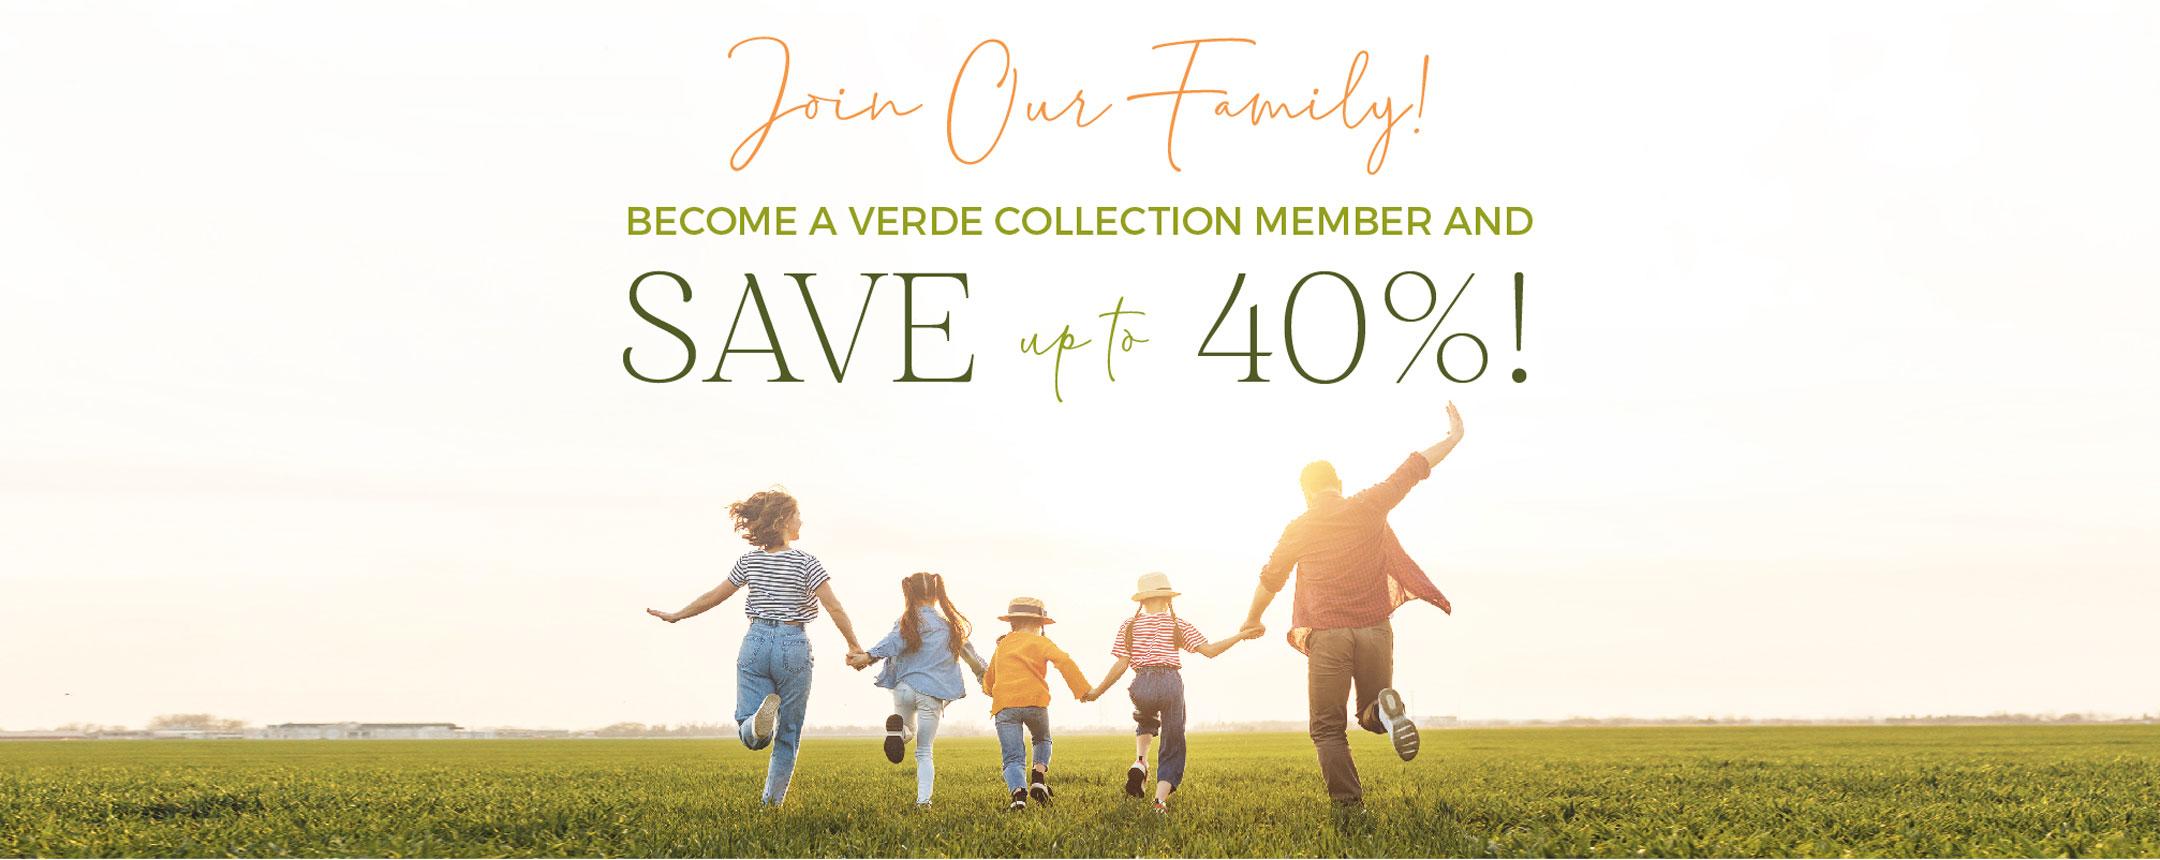 VC-Homepage-Sliders-2160w-membership